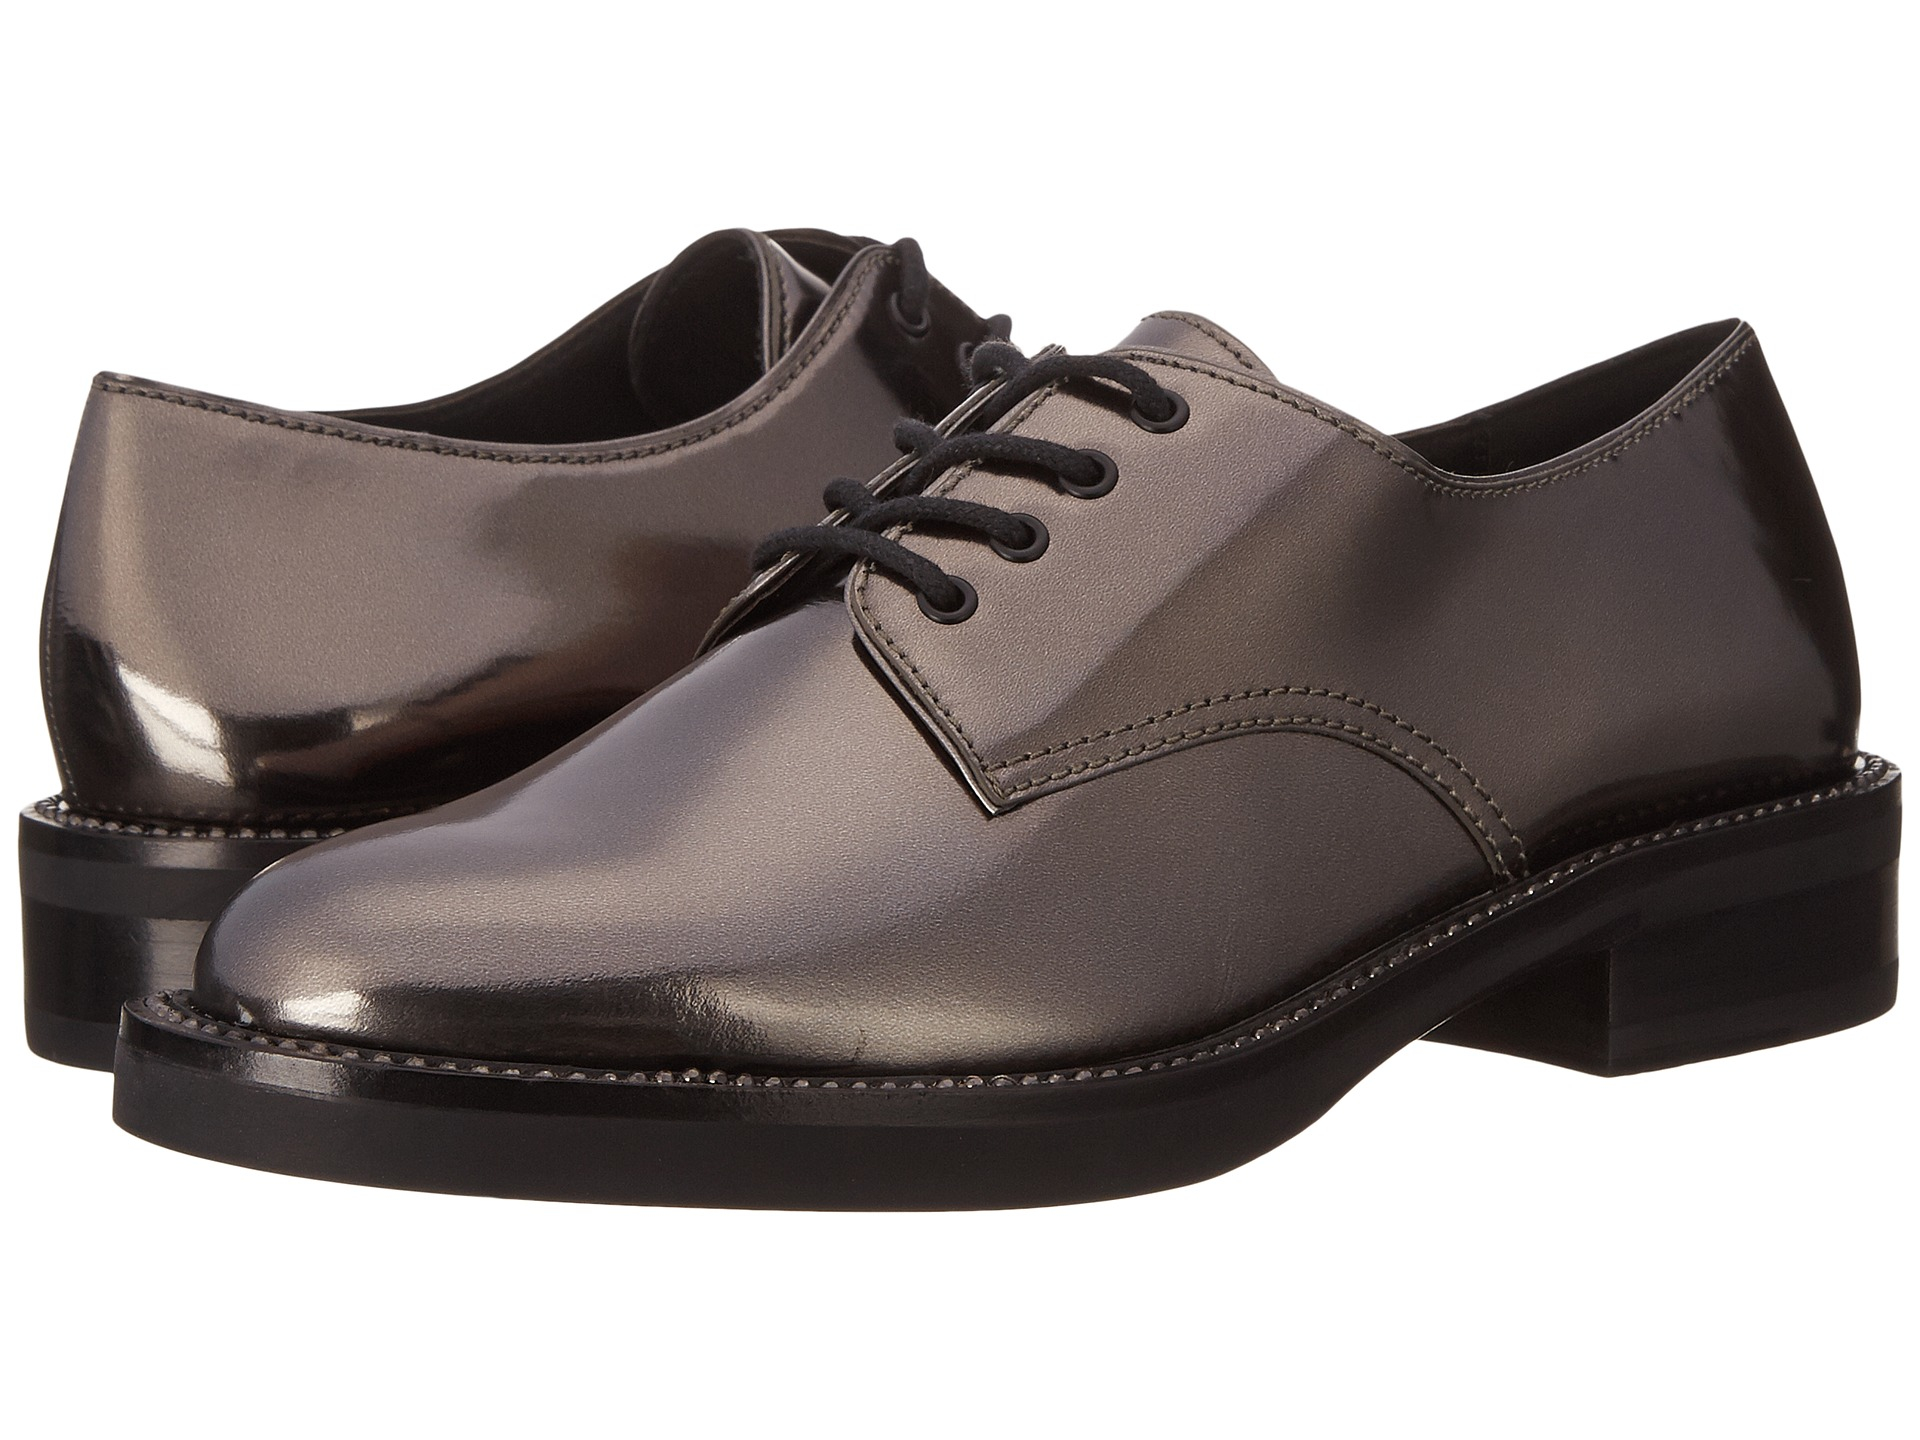 Womens Shoes COACH Erica Gunmetal Metallic